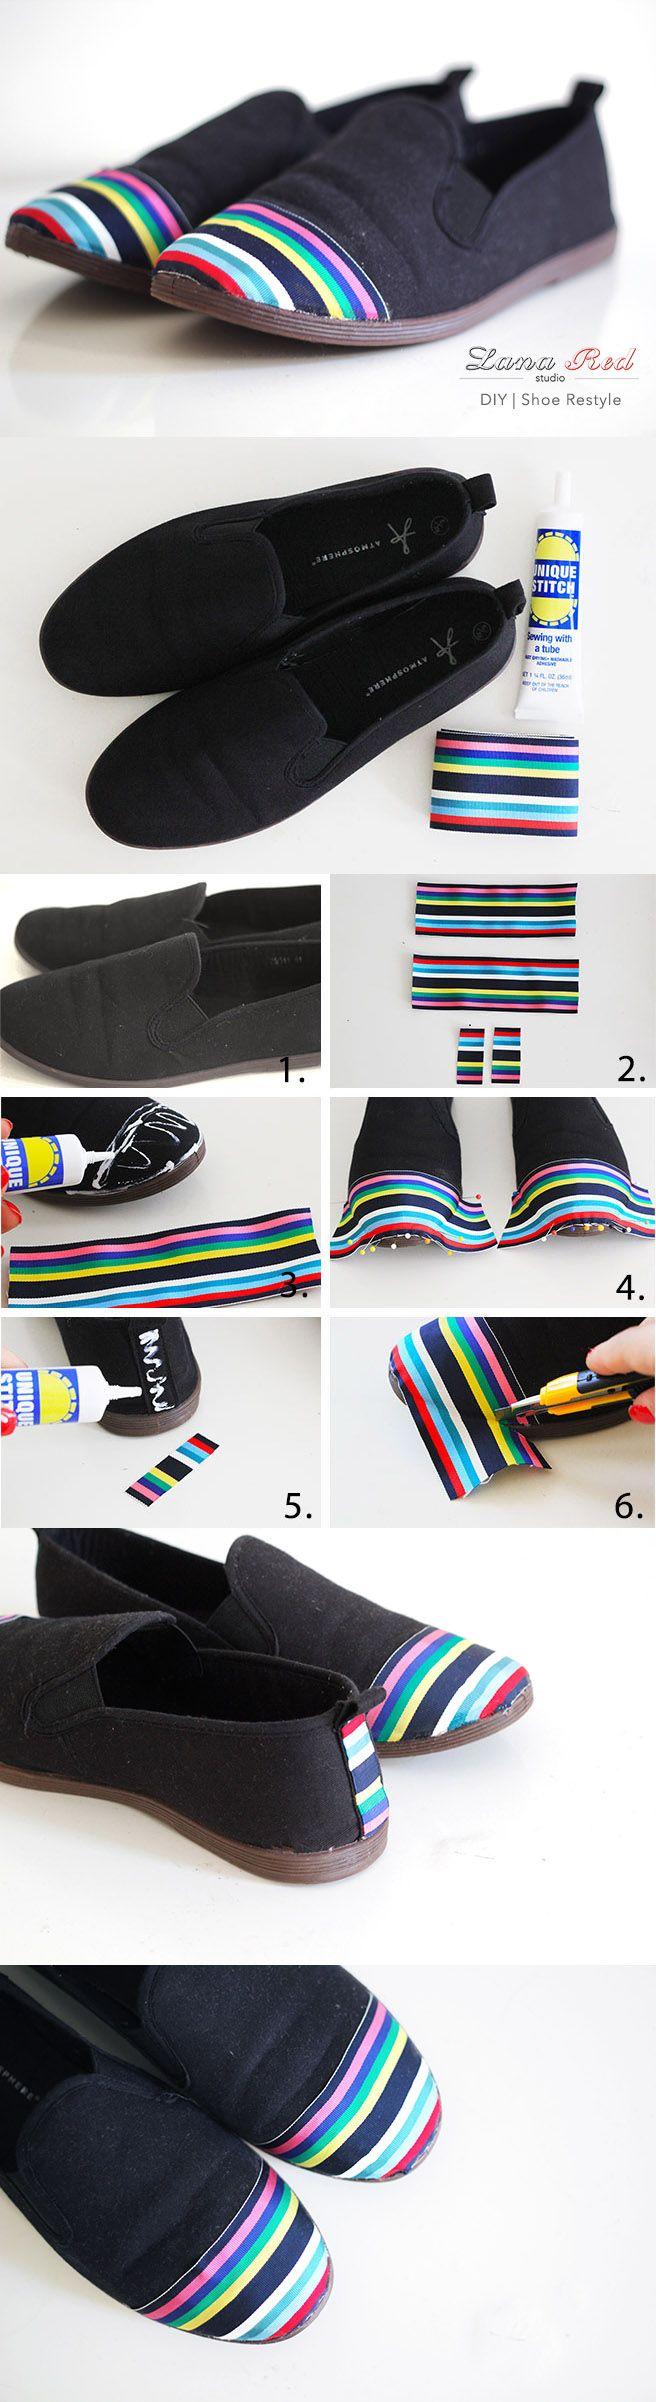 Zapatillas rediseñadas con cinta de color     (genial para mí que siempre quedan las zapatillas intactas menos por el sitio del dedo gordo)